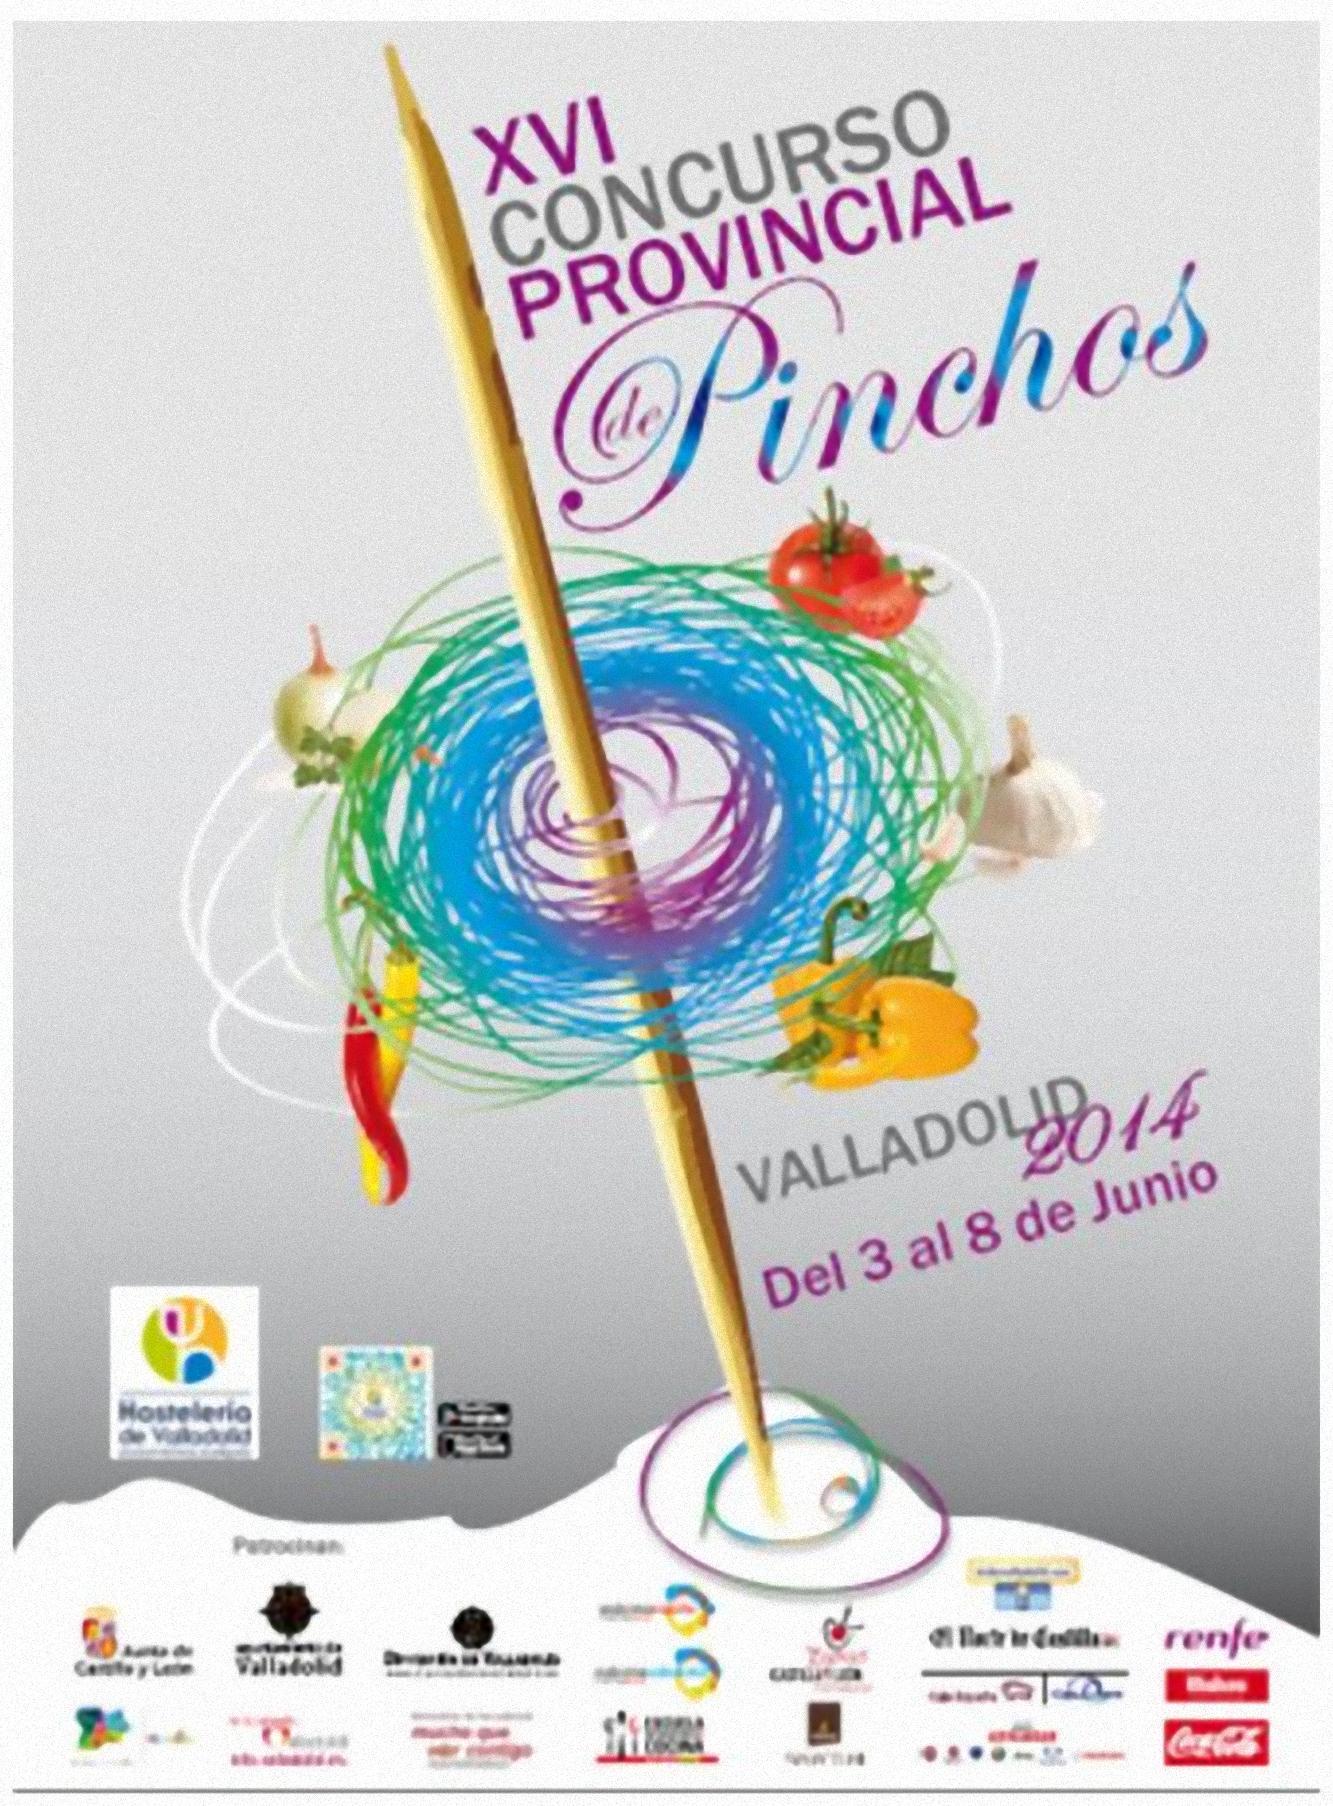 concurso-provincial-de-pinchos-de-valladolid-2014